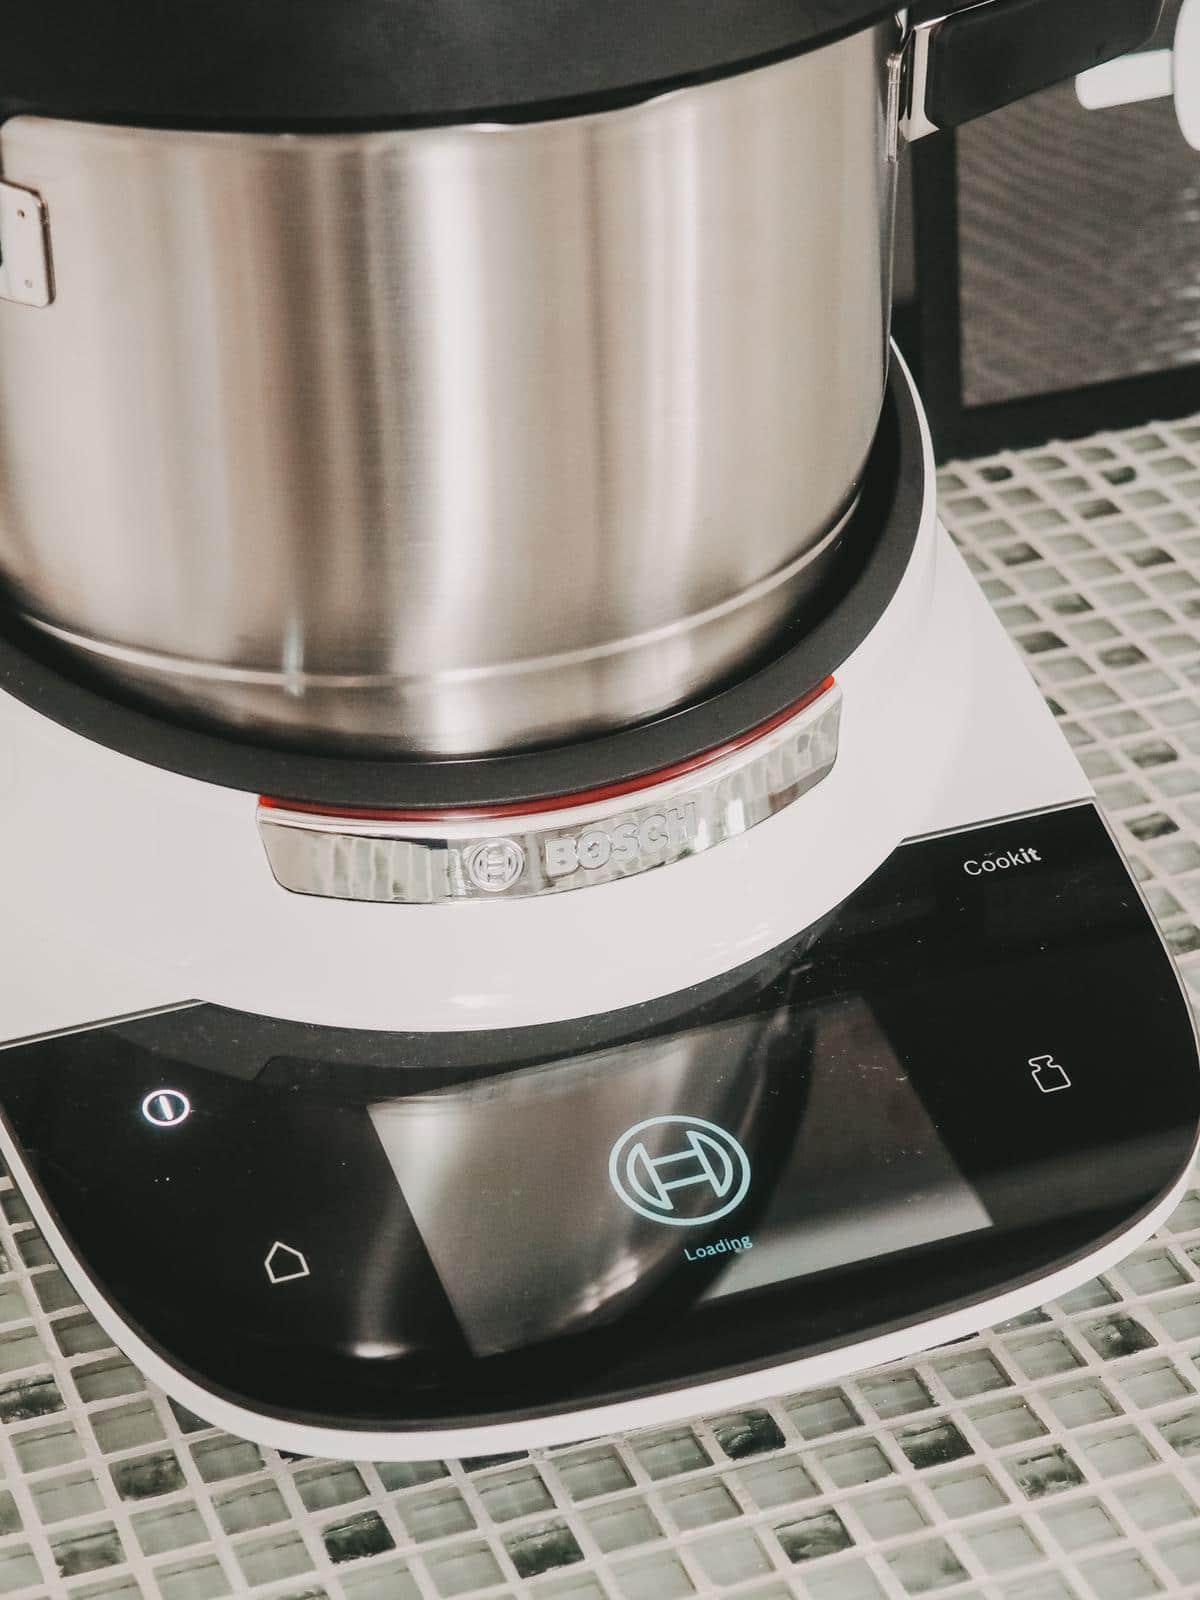 Küchenhilfe - Bosch Cookit